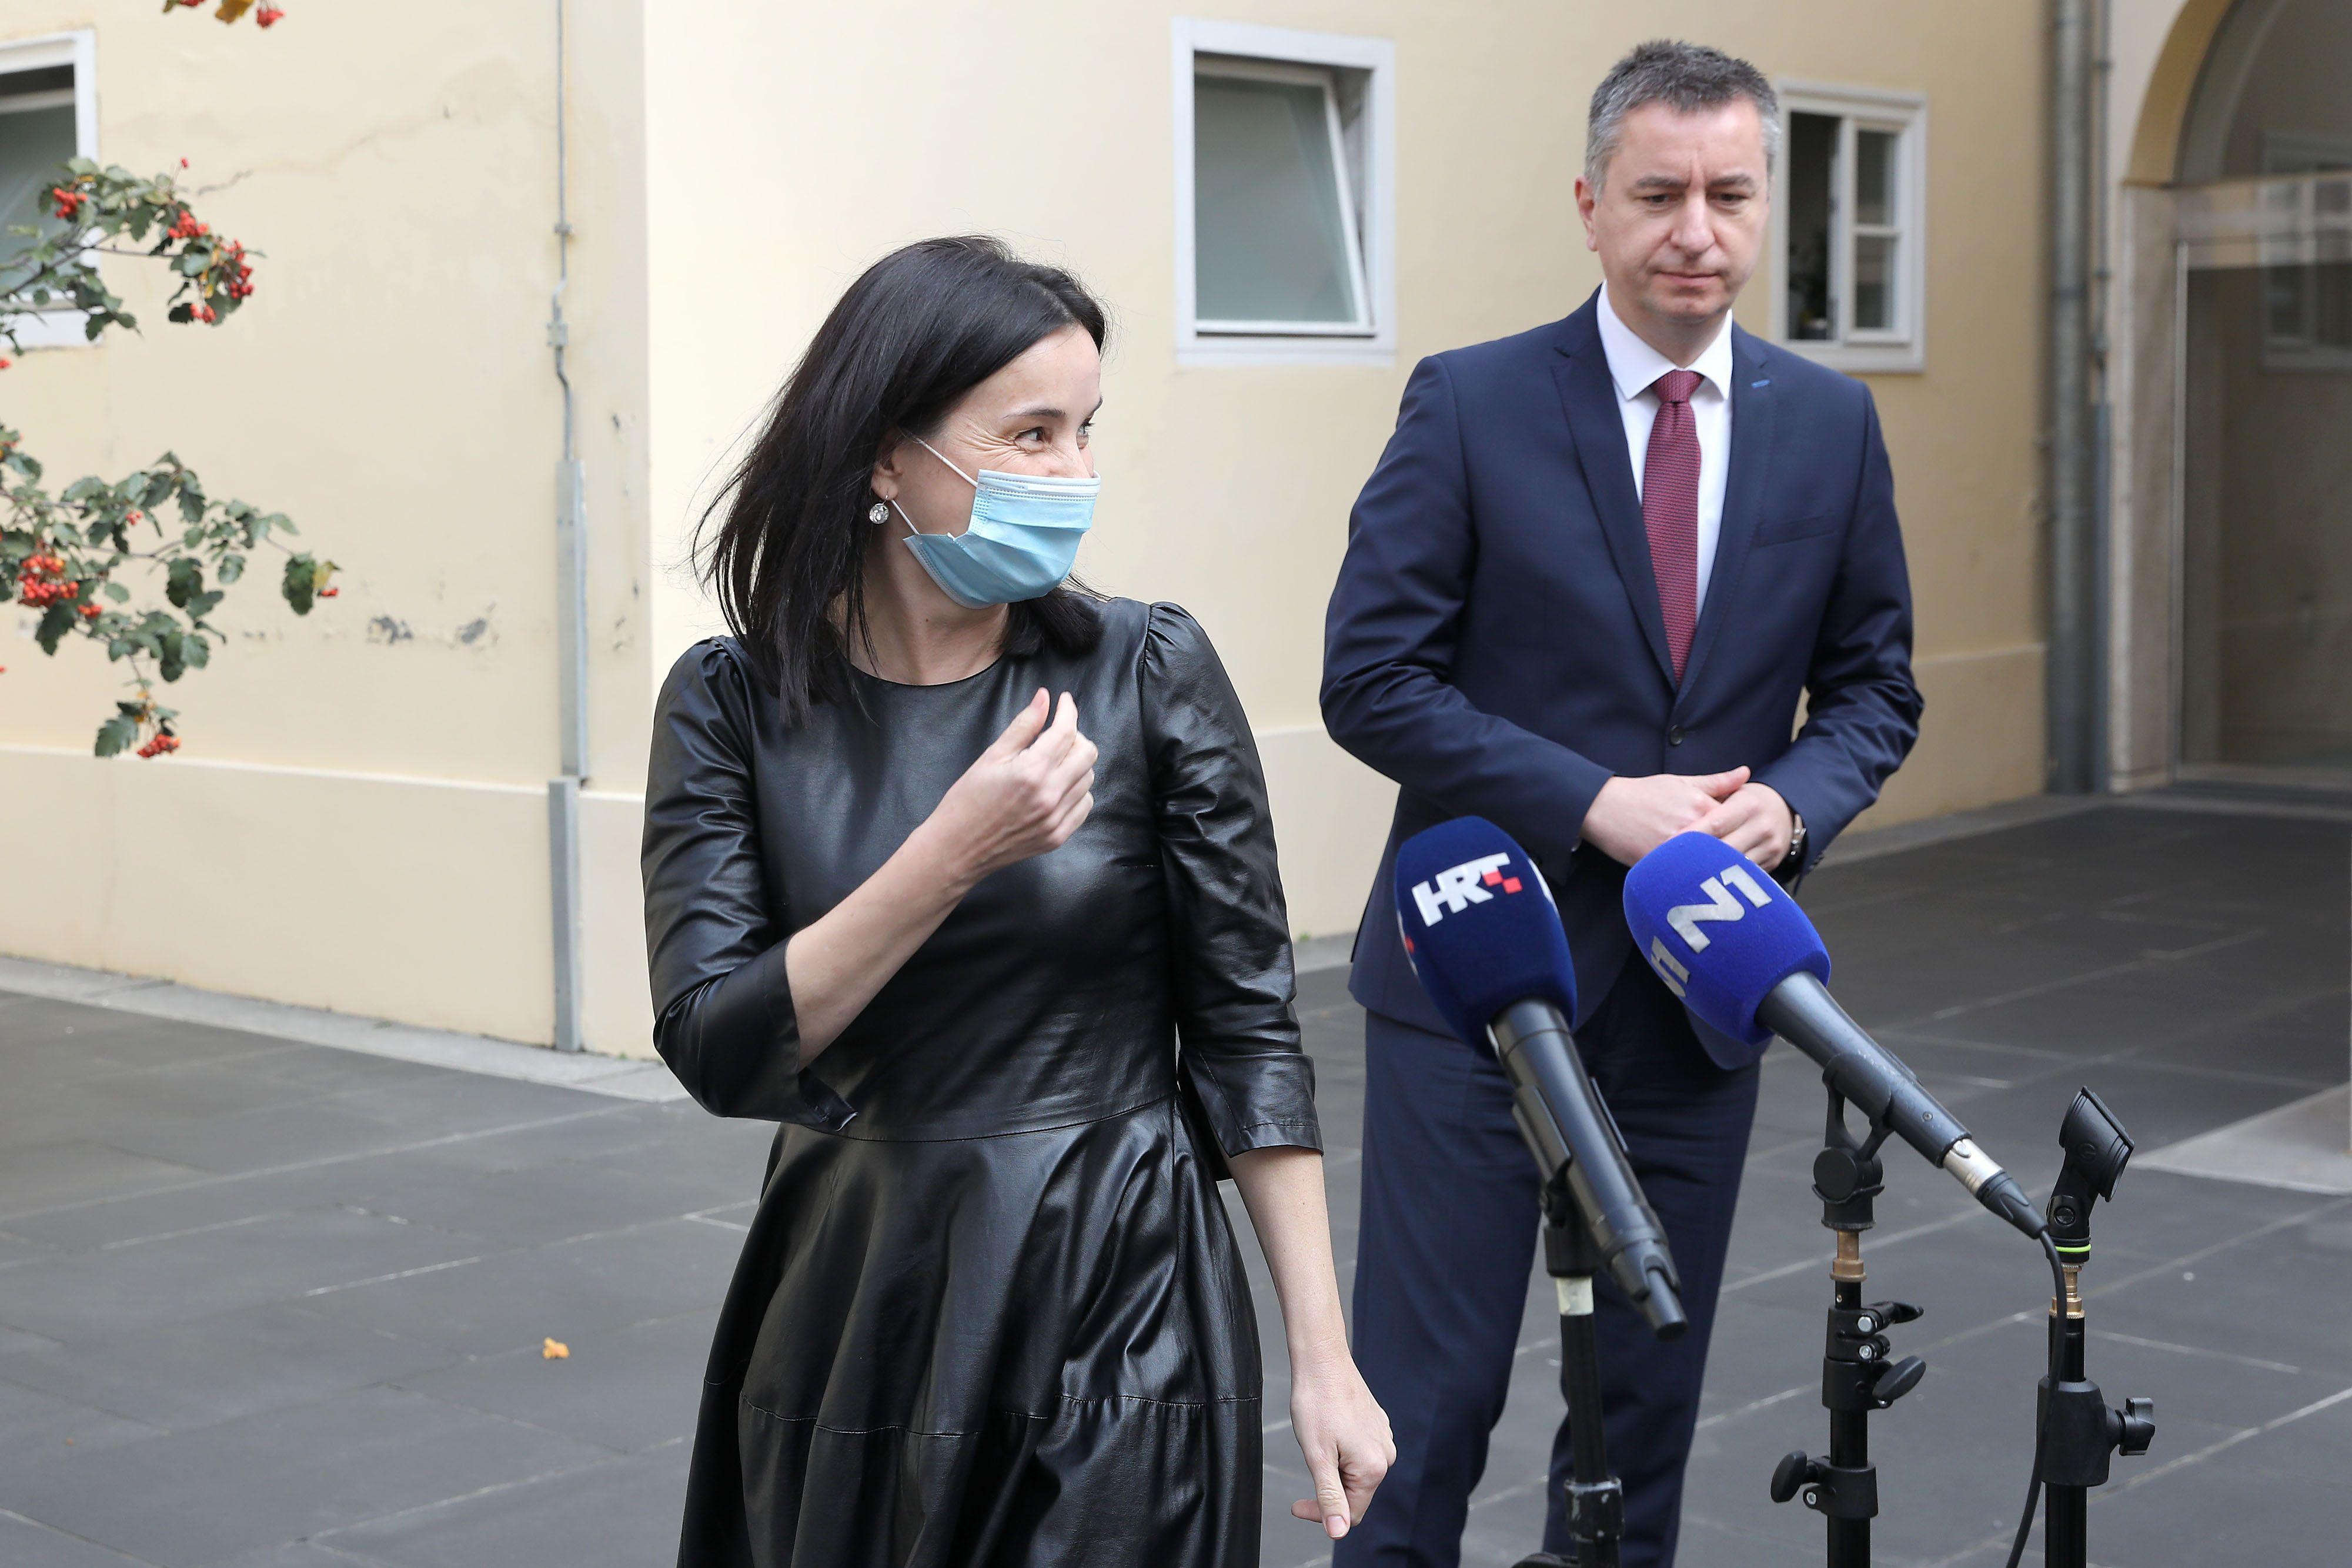 Komentar na outfit ministrice poljoprivrede: 'Kroj haljine je dobar, no materijal loš, a cipele pojačavaju dark gothic dojam'